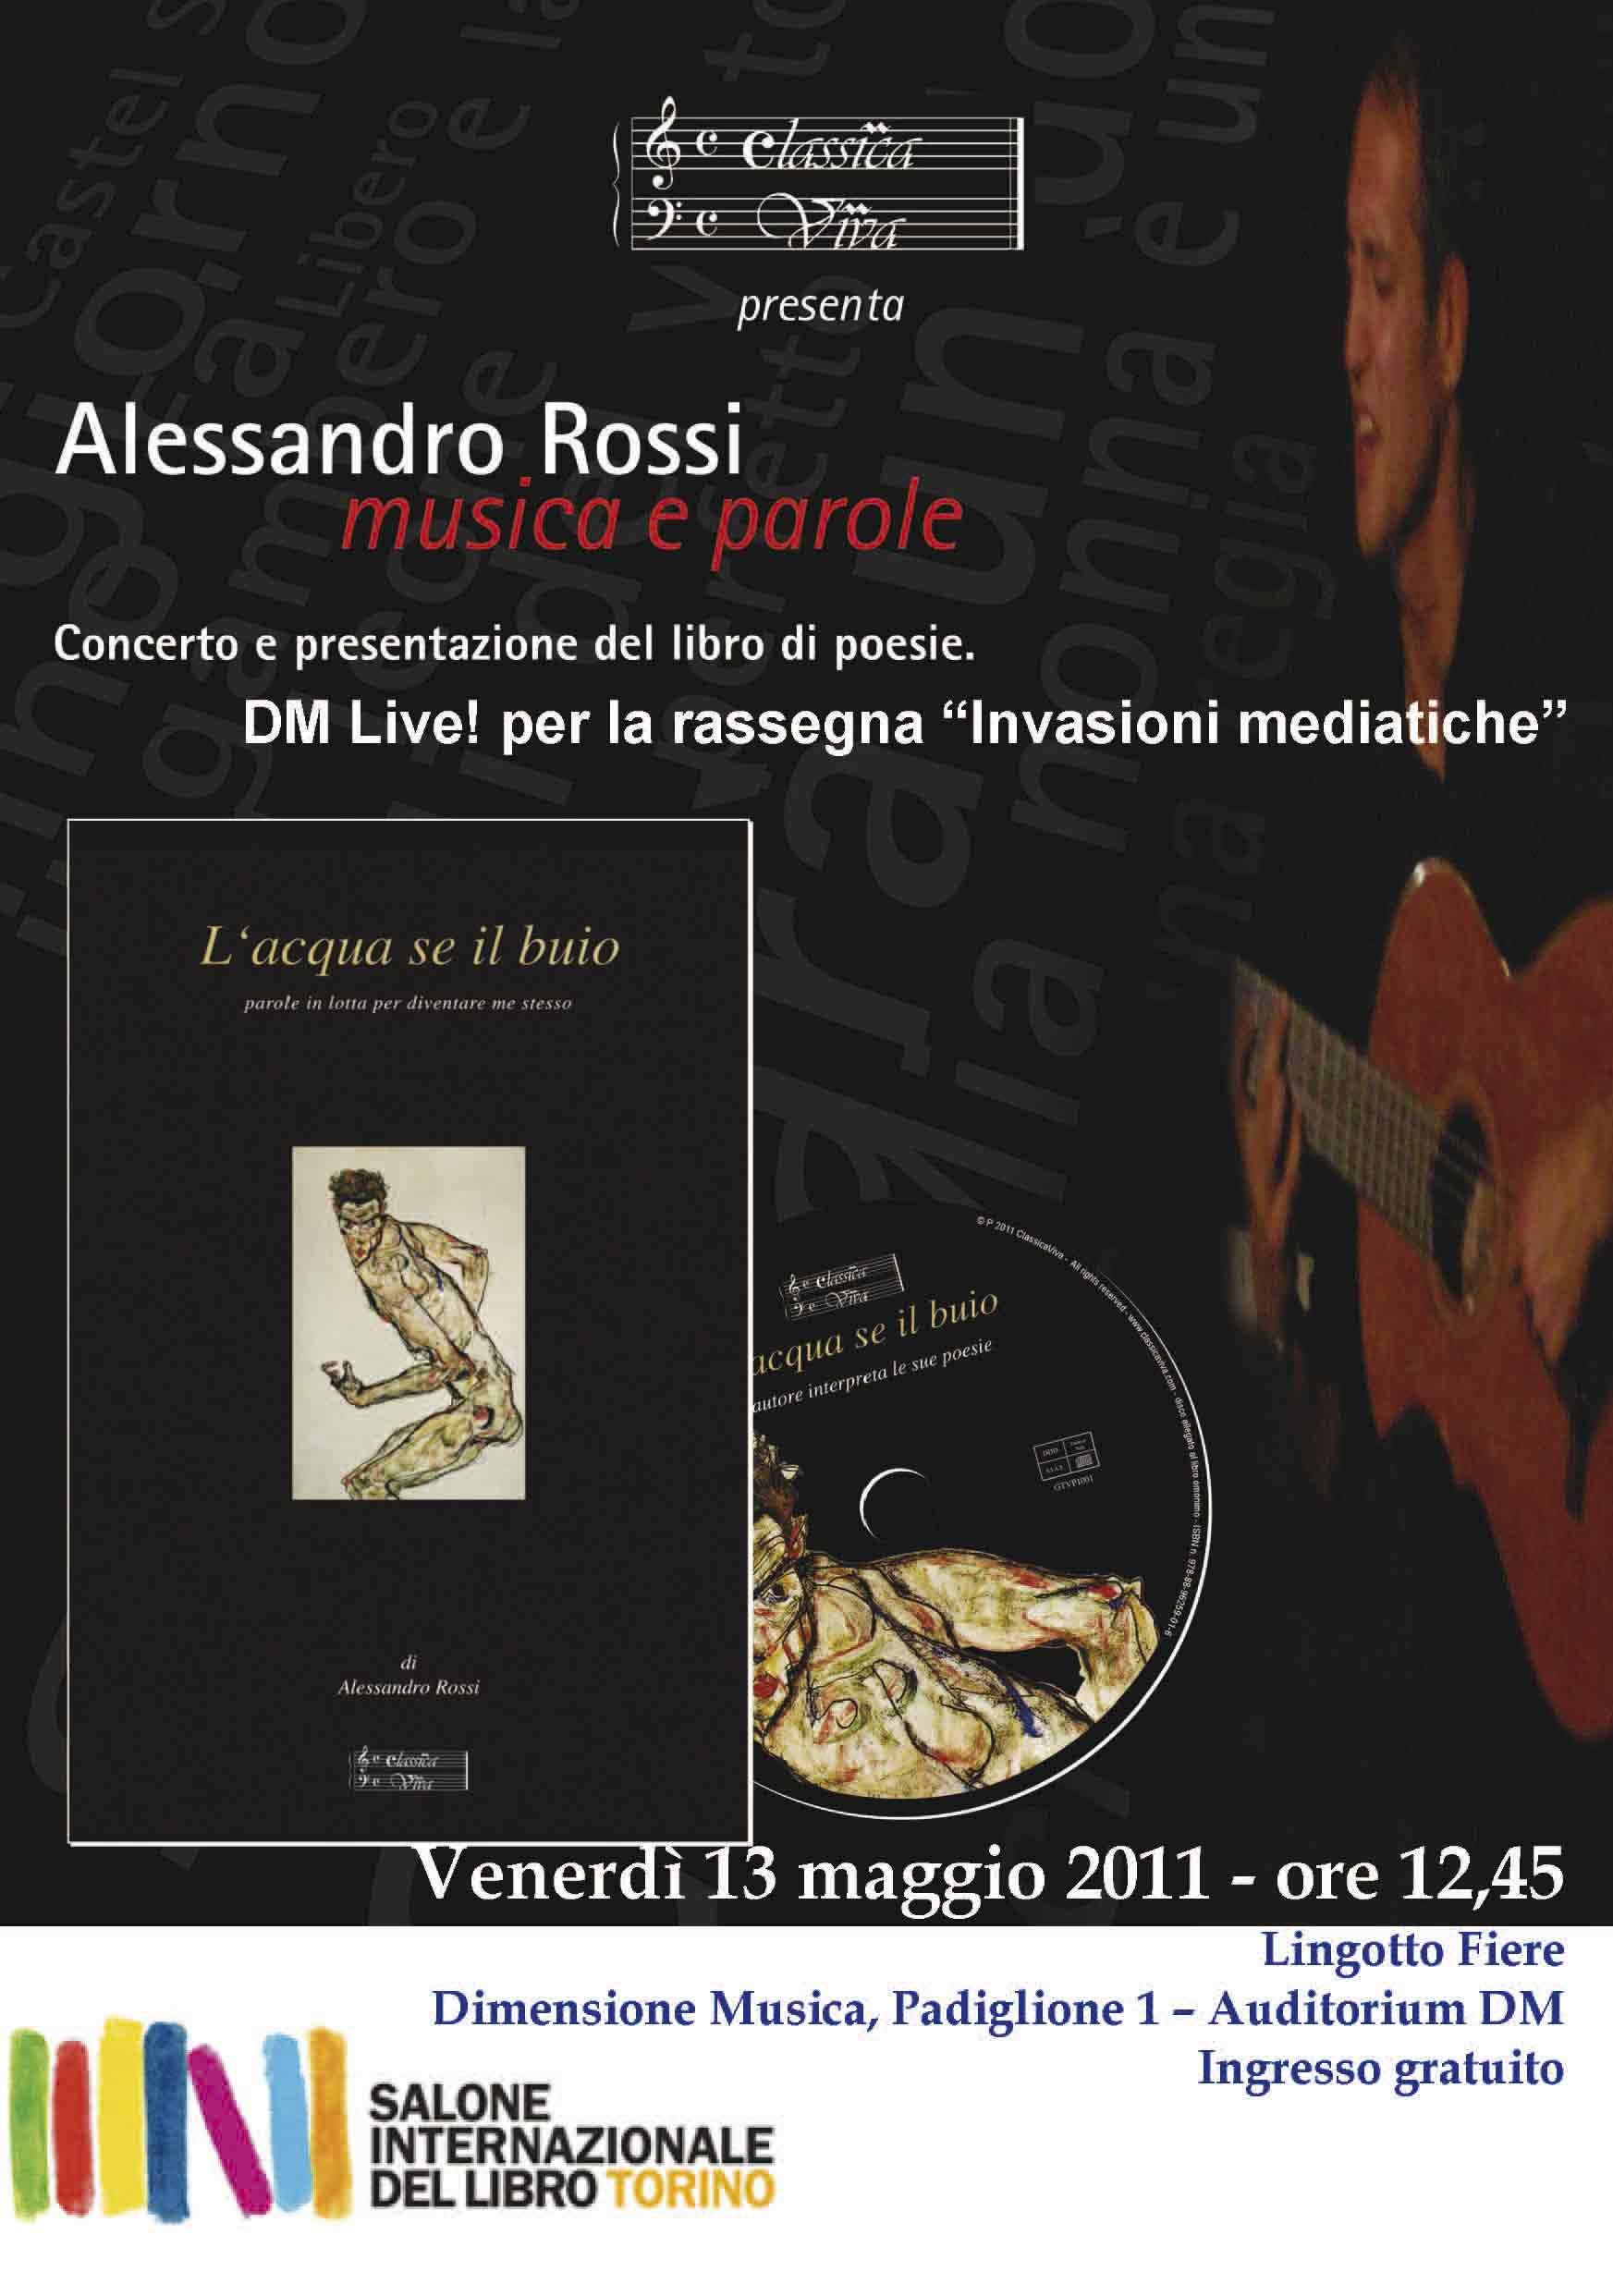 """Concerto di Alessandro Rossi - Presentazione del libro di poesie """"L'acqua se il buio"""" - Salone del libro di Torino 2011"""